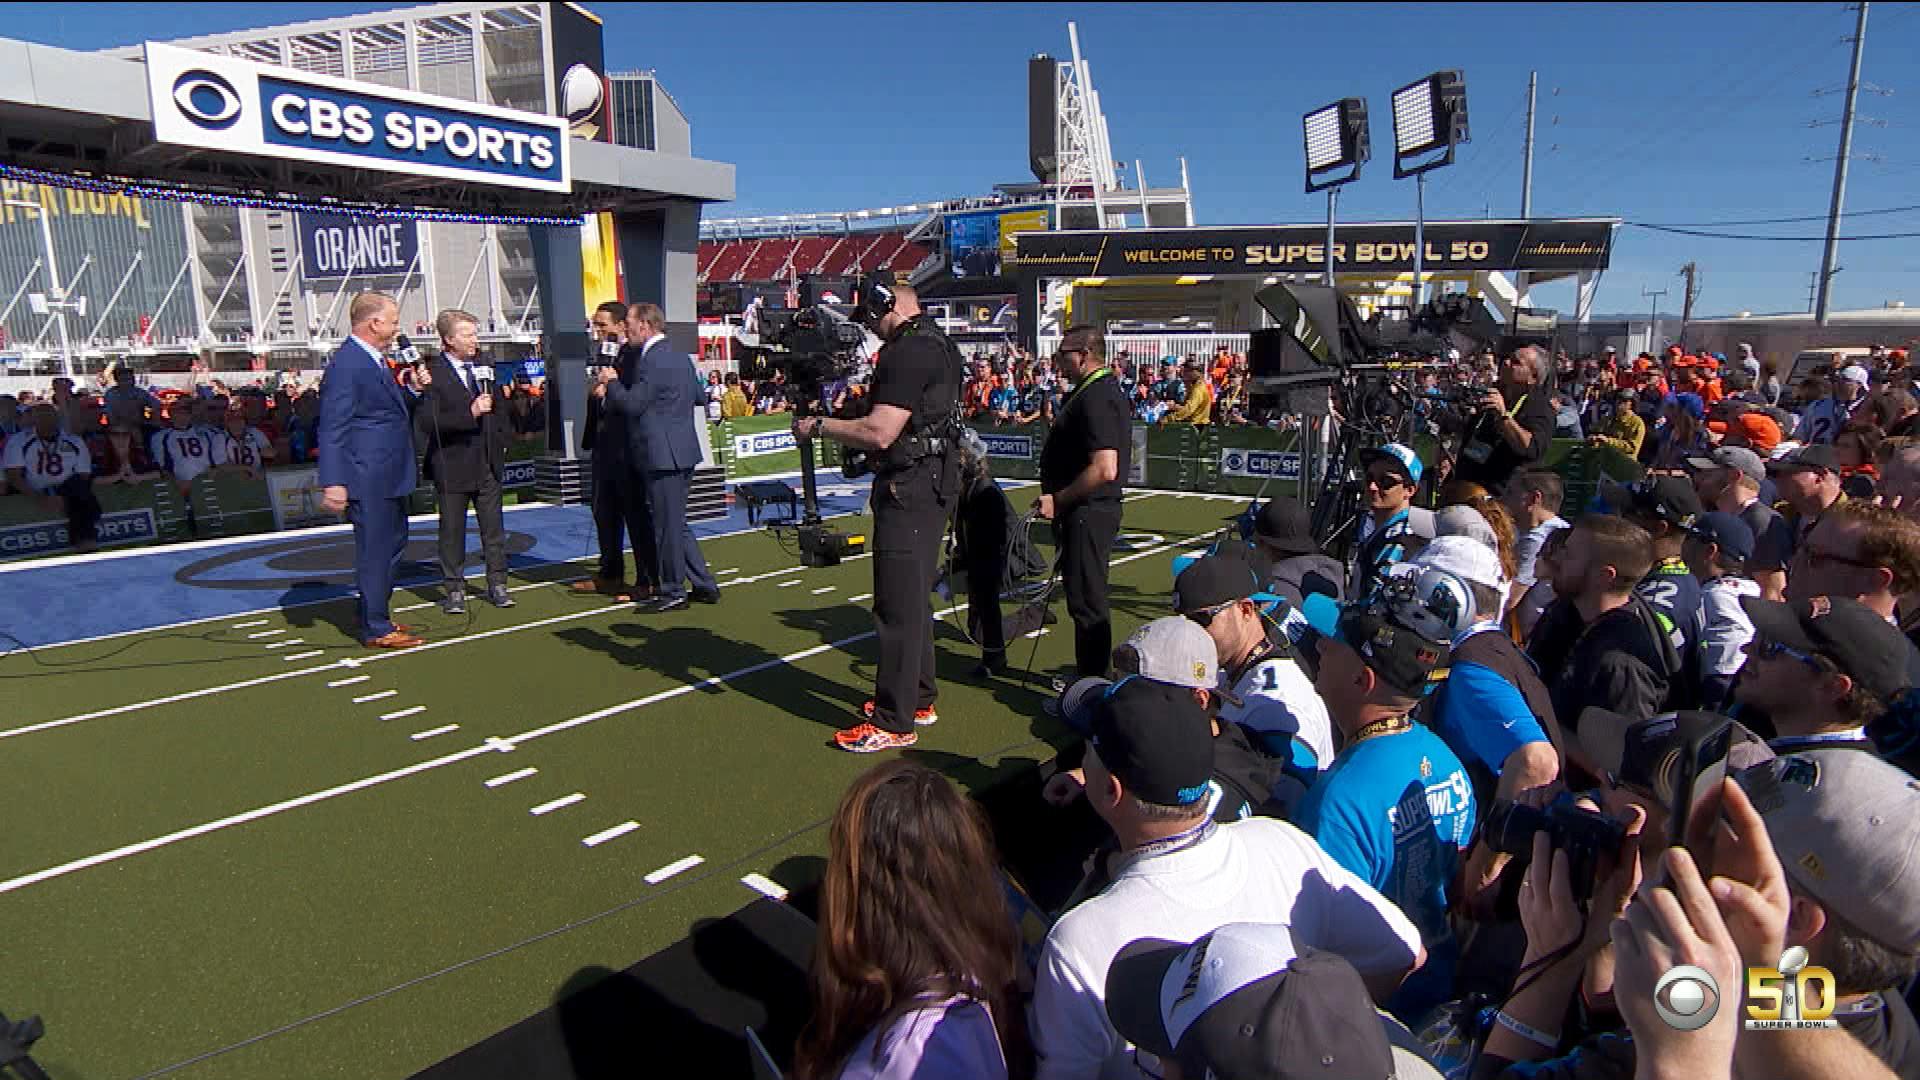 Superbowl 50 on CBS